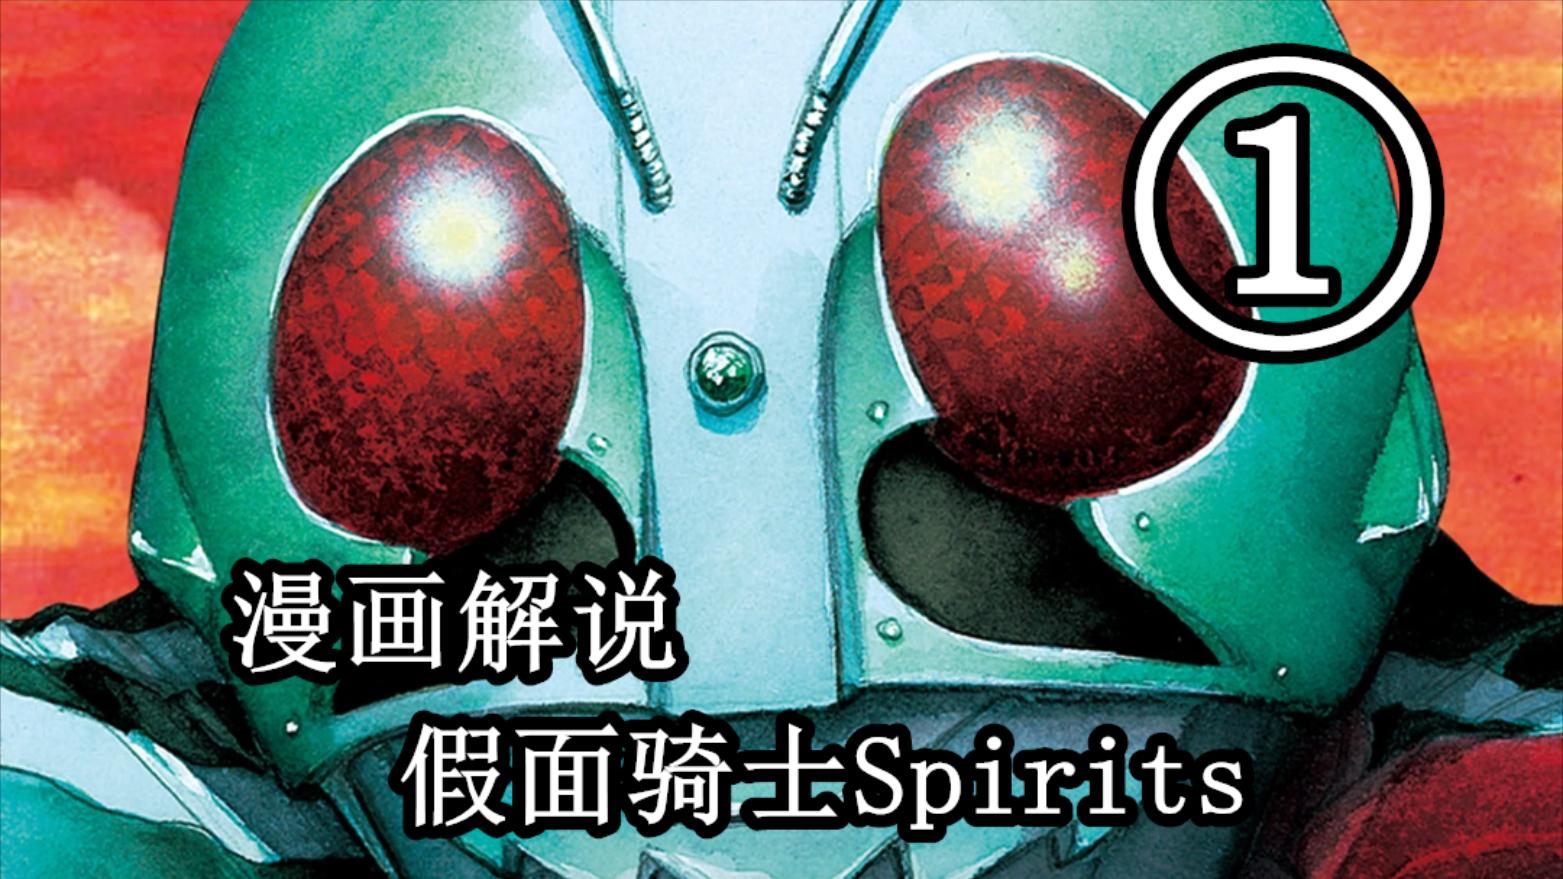 漫画解说:假面骑士魂 01